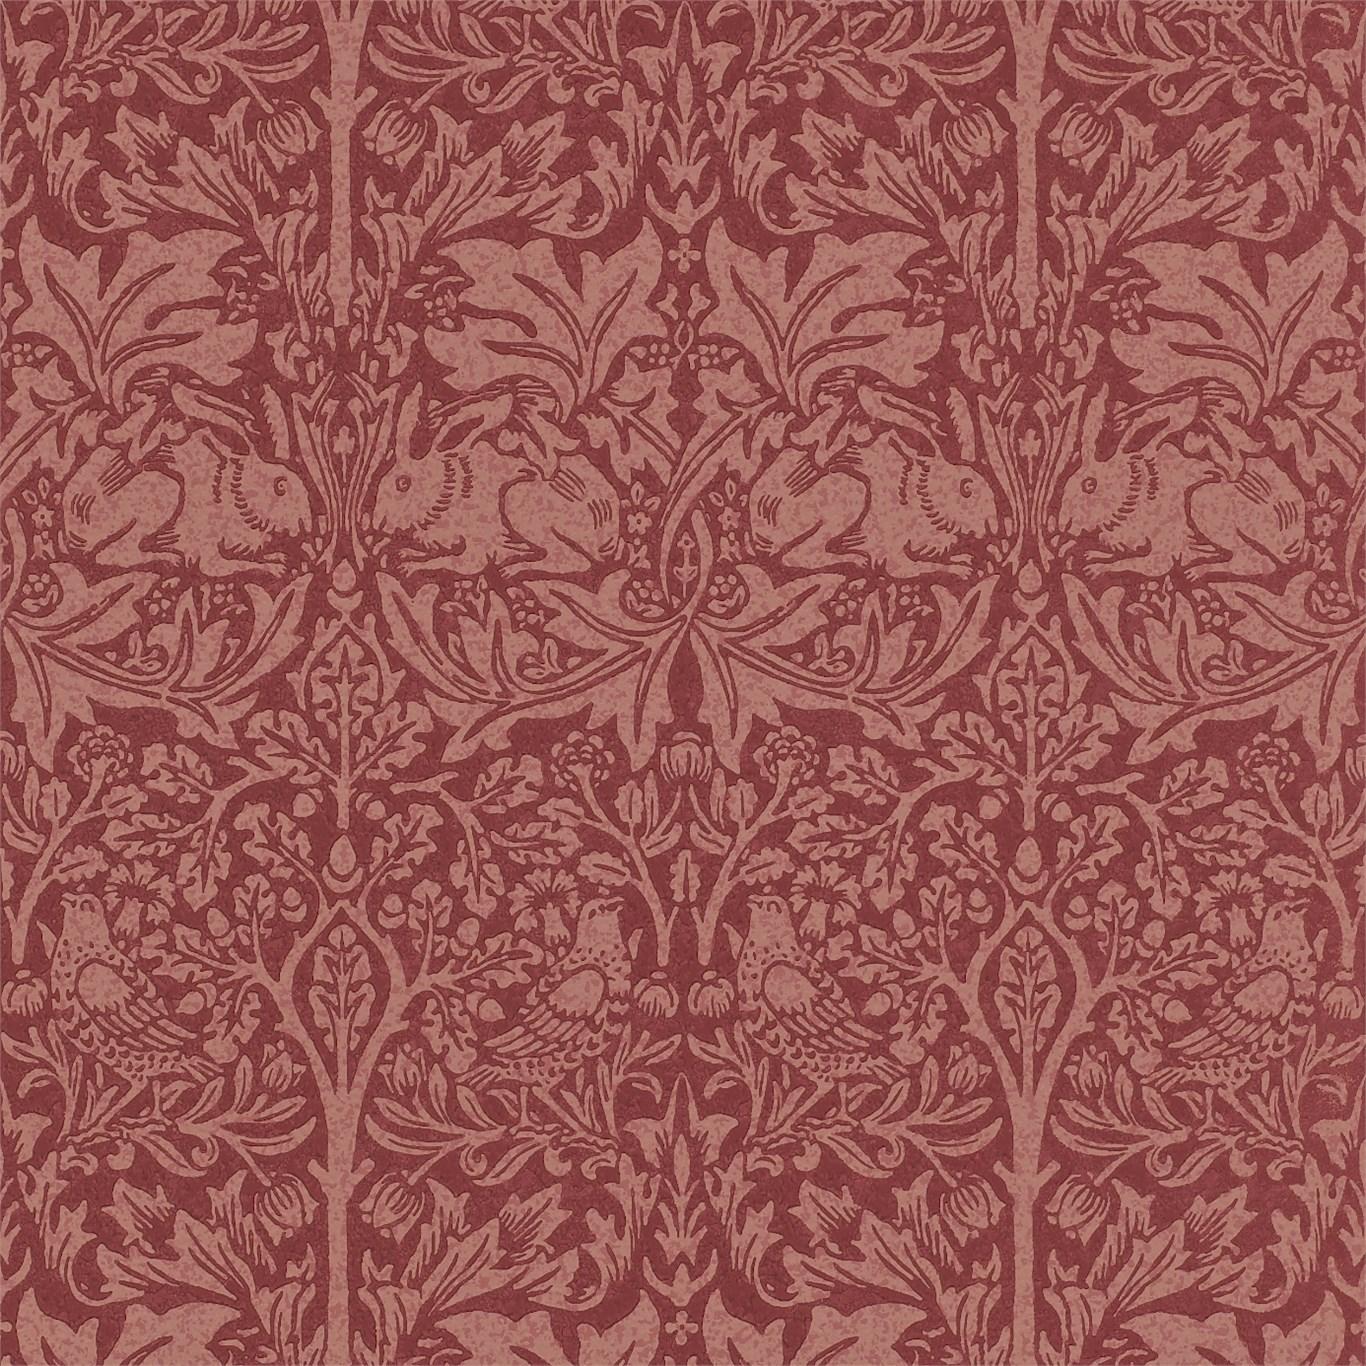 Tapet William Morris Brer Rabbit DMORBR101